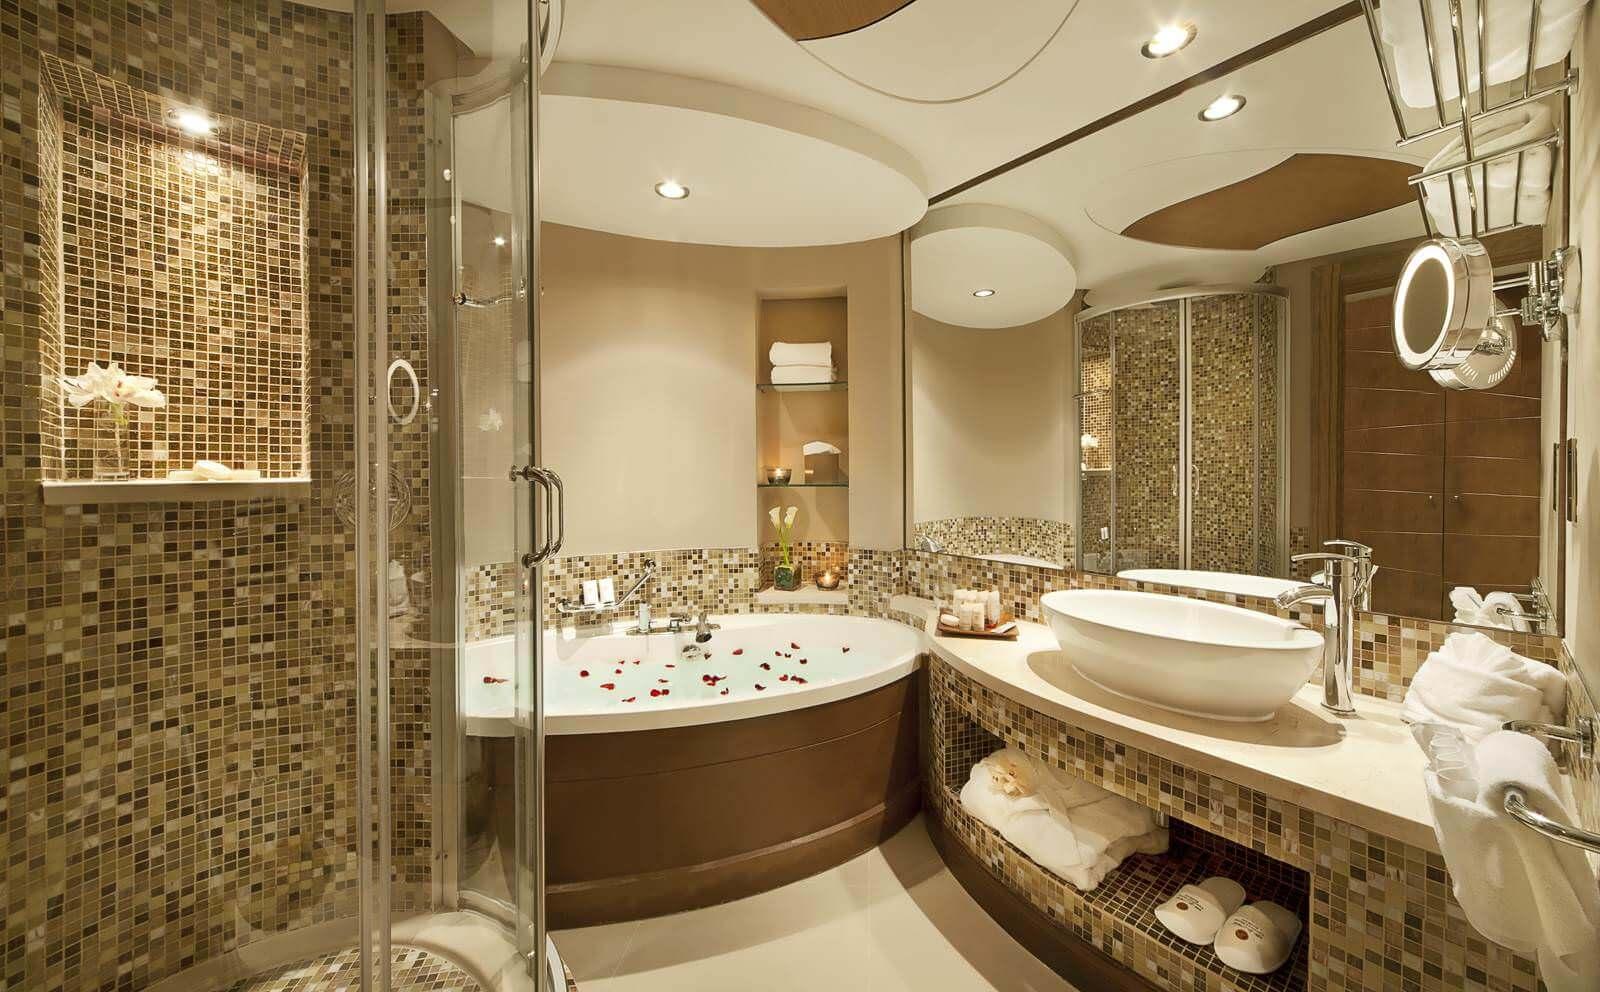 صورة ديكورات حمامات , احدث الديكور العصري والجديد للحمامات الكبيرة 1141 5